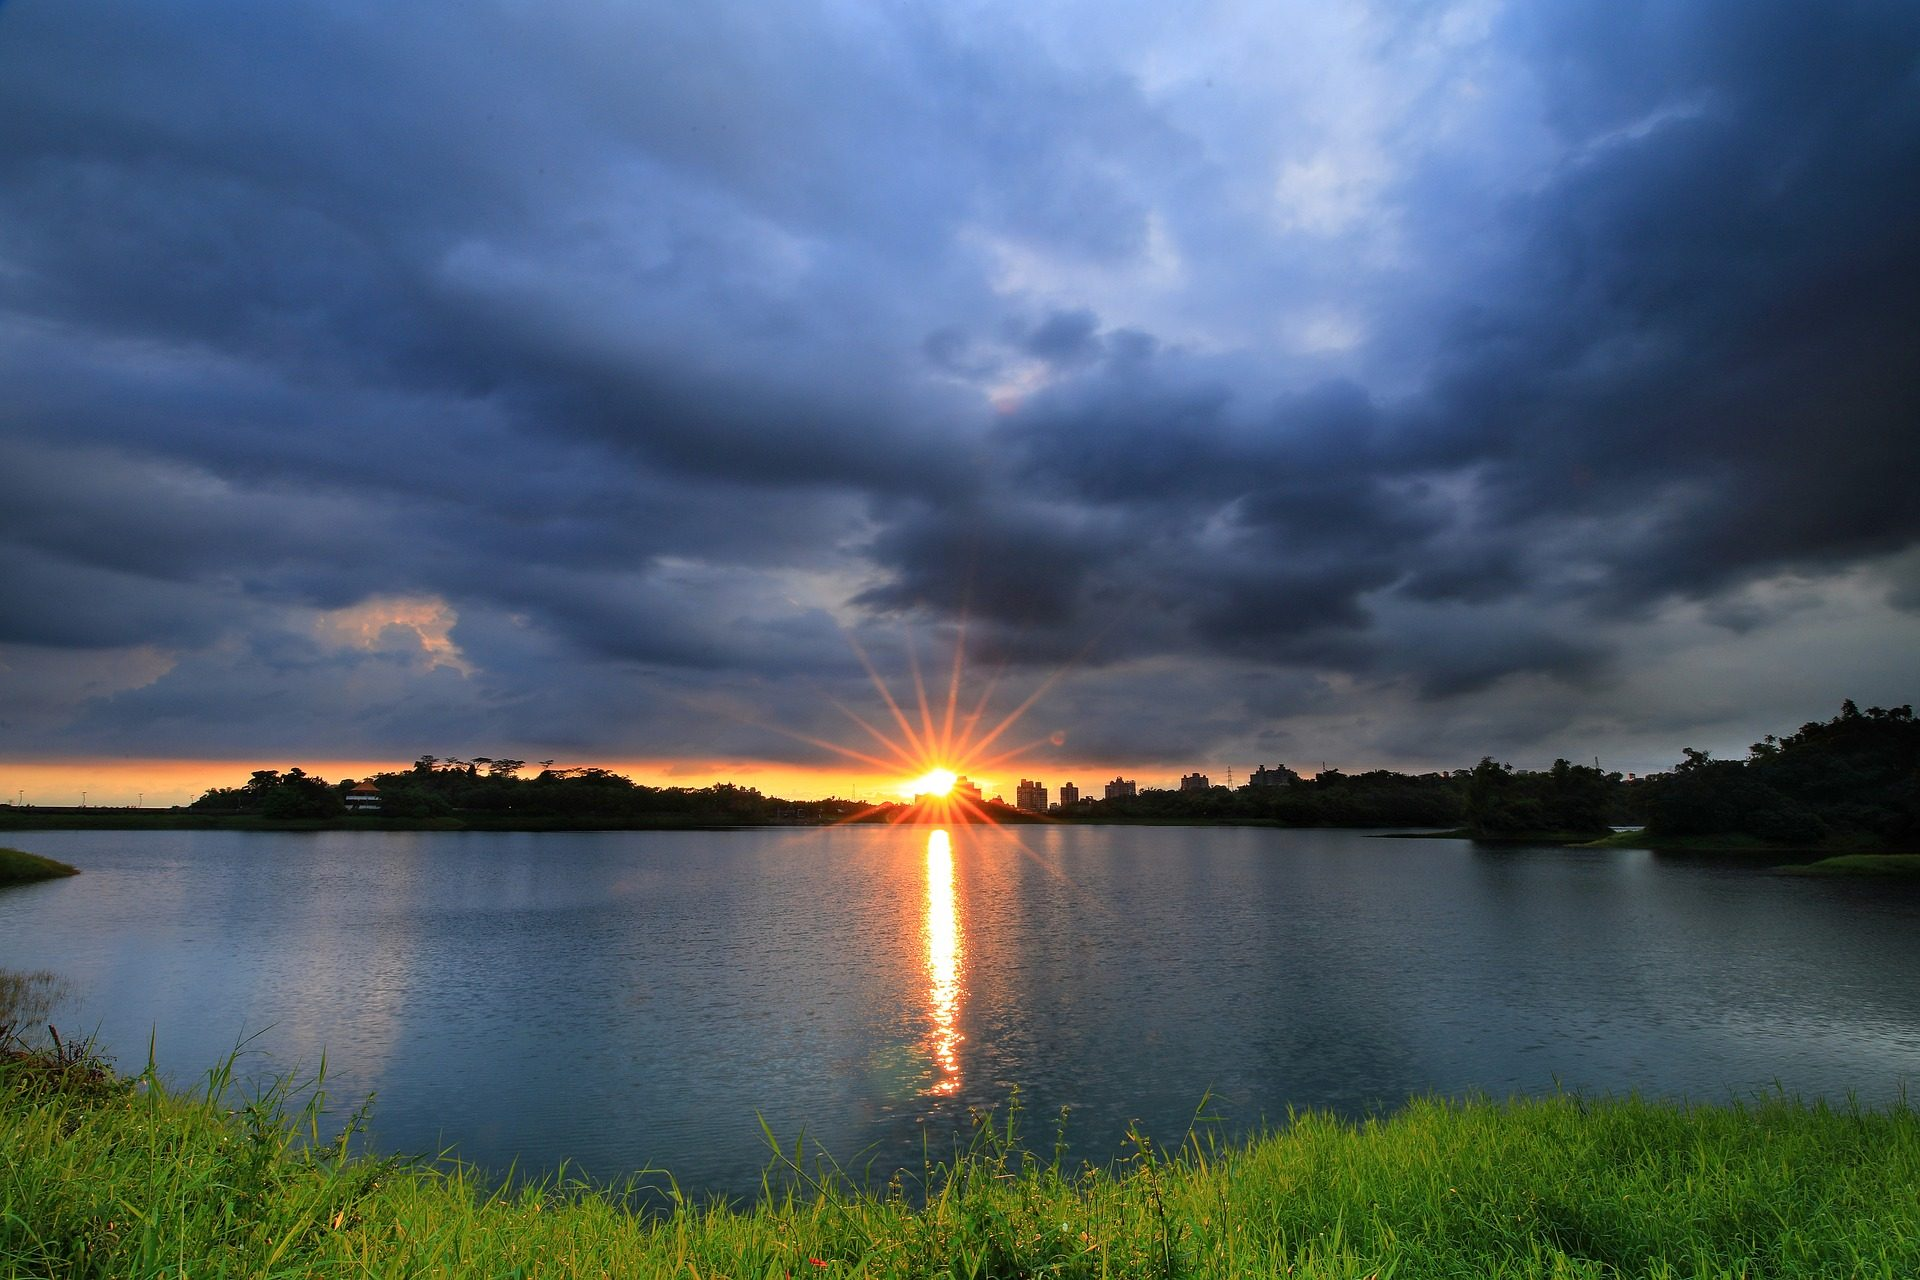 laguna, lago, sol, brillo, halos, nublado, atardecer - Fondos de Pantalla HD - professor-falken.com